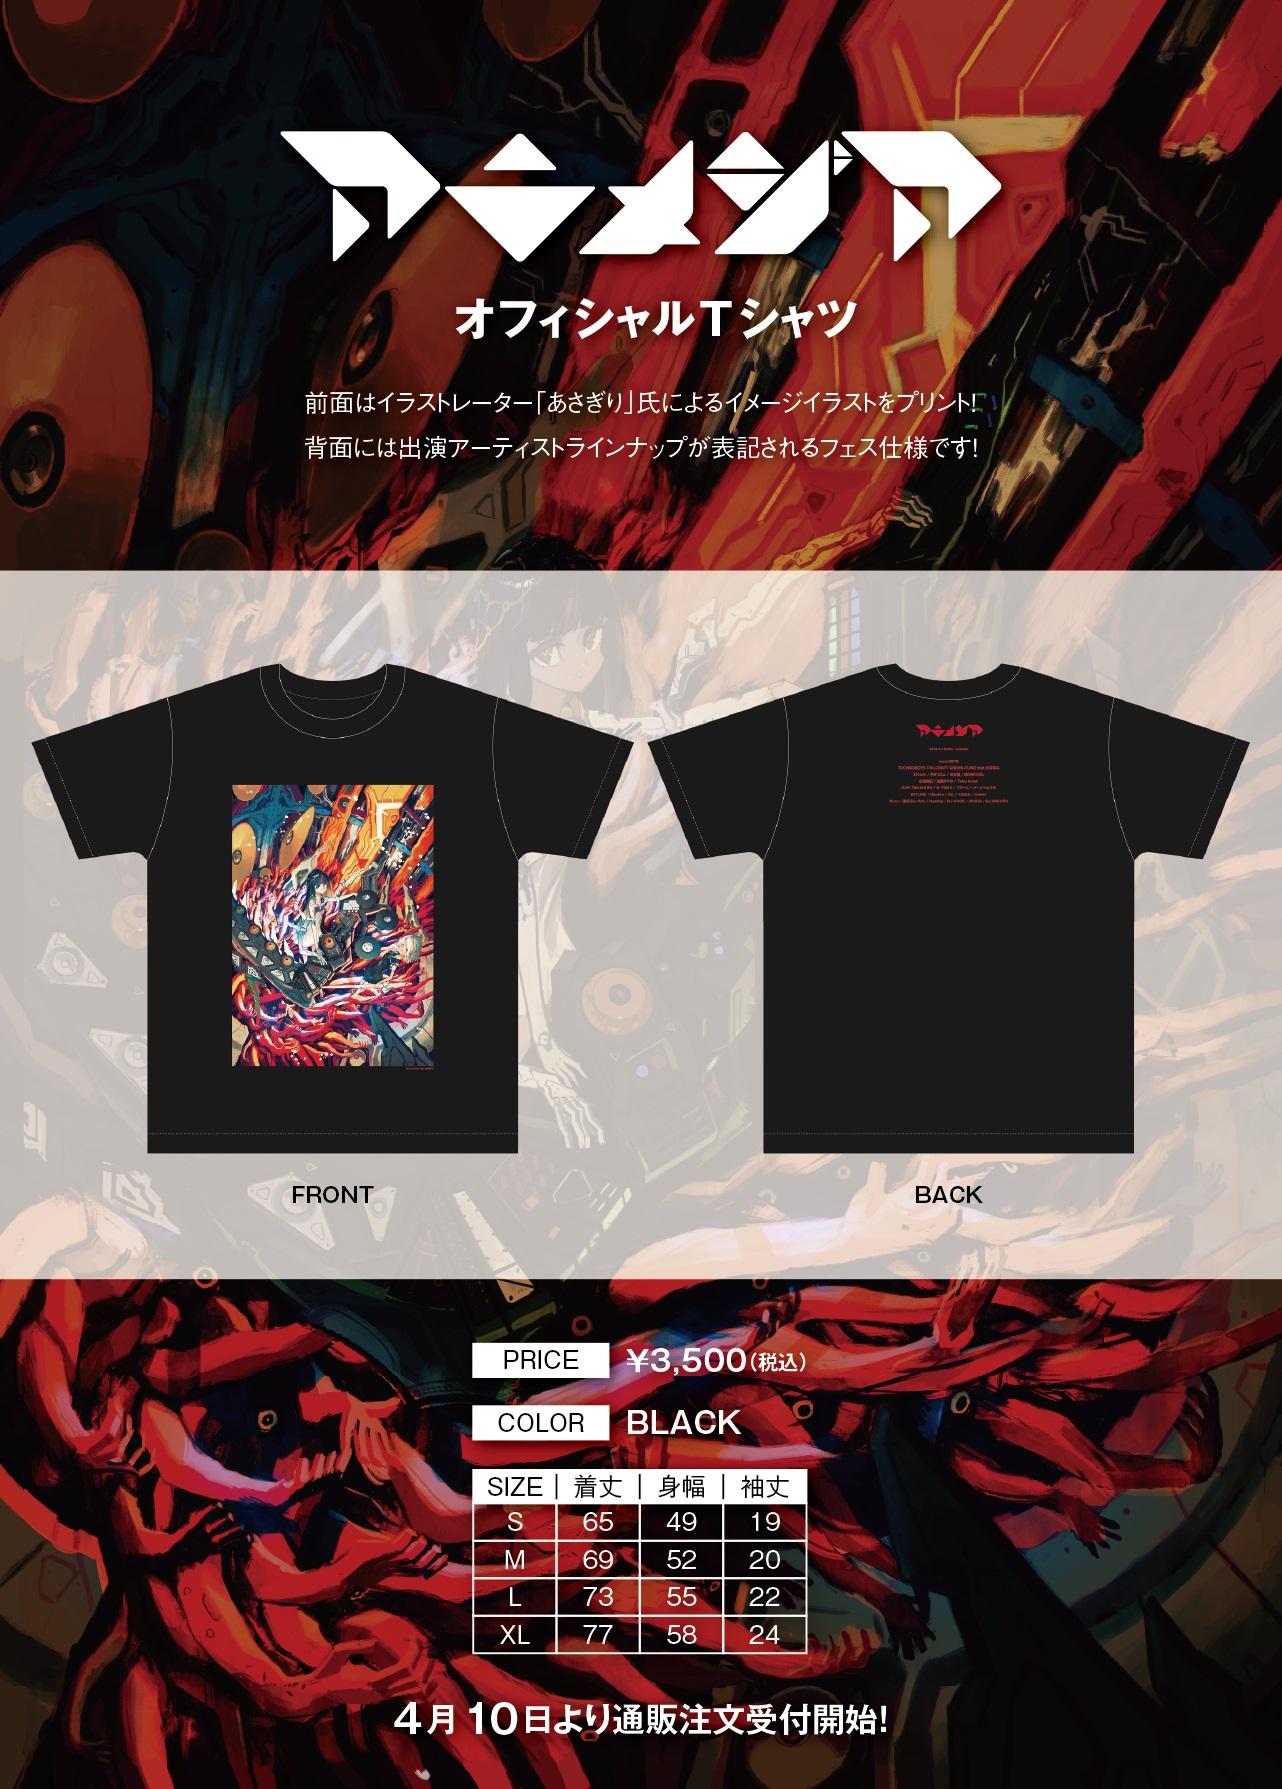 「アニメジア」オフィシャルTシャツ